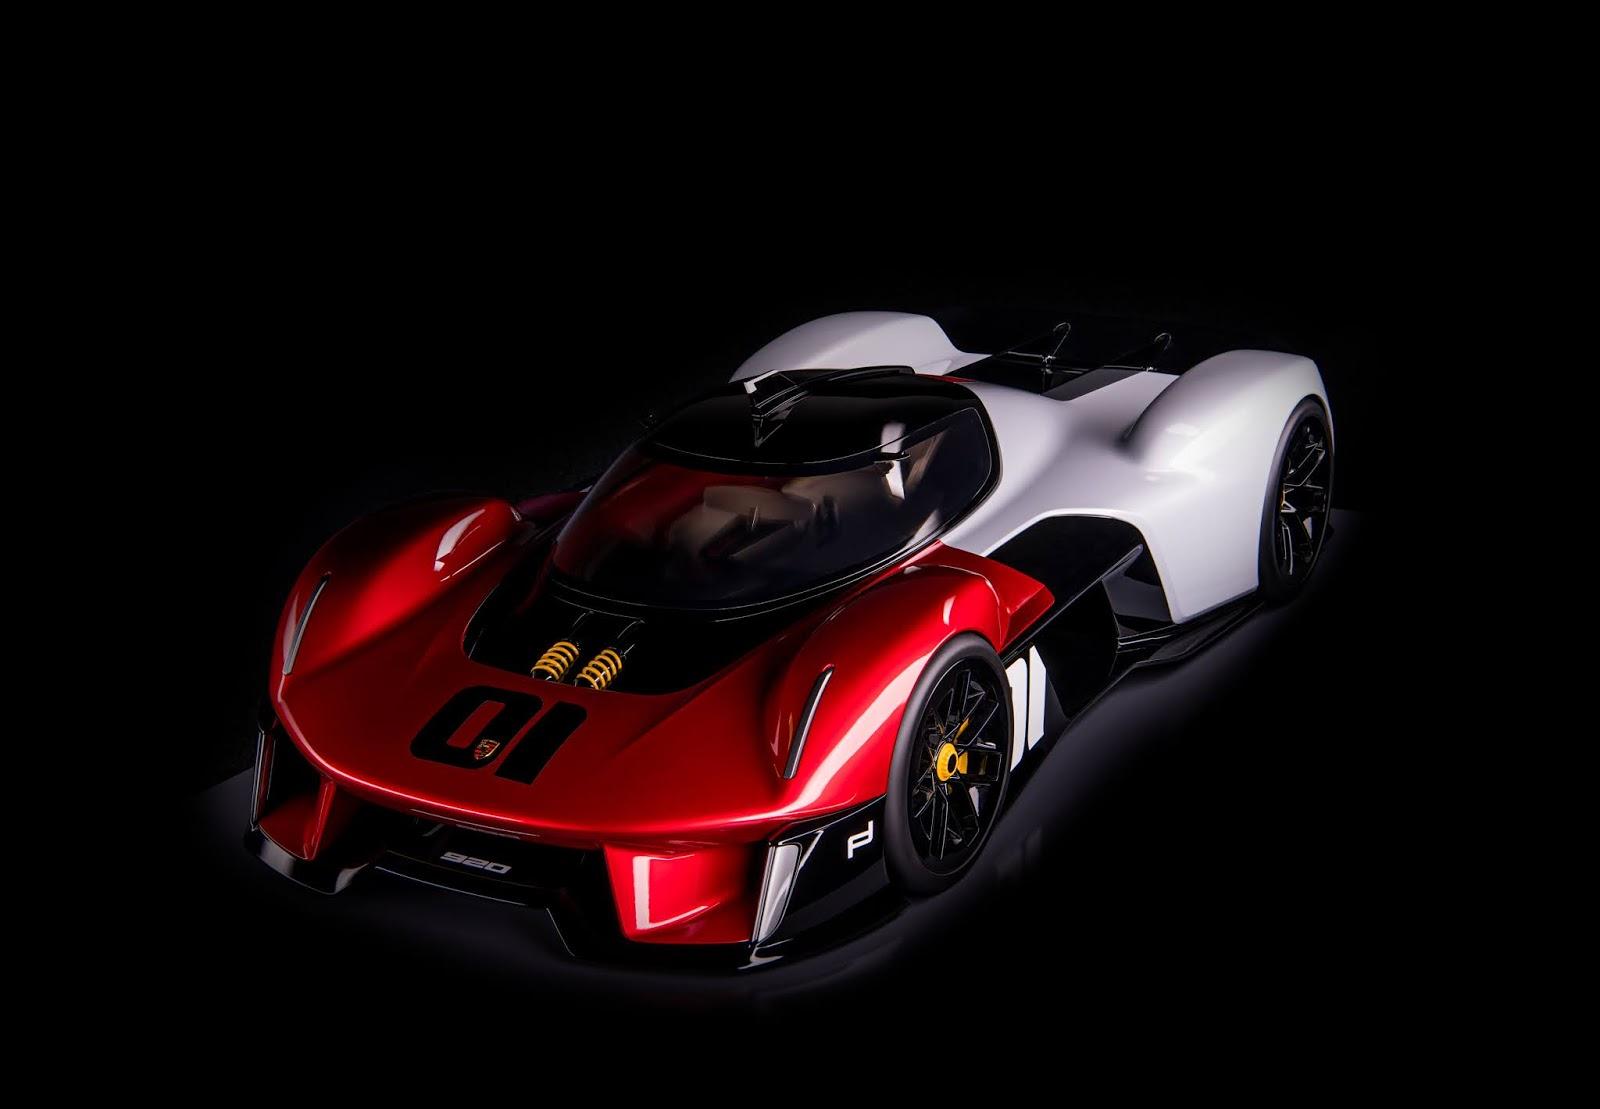 Capture0020 2 2 Τα άγνωστα Hypercars της Porsche hypercar, Porsche, Porsche Unseen, Sunday, supercar, supercars, zblog, ειδήσεις